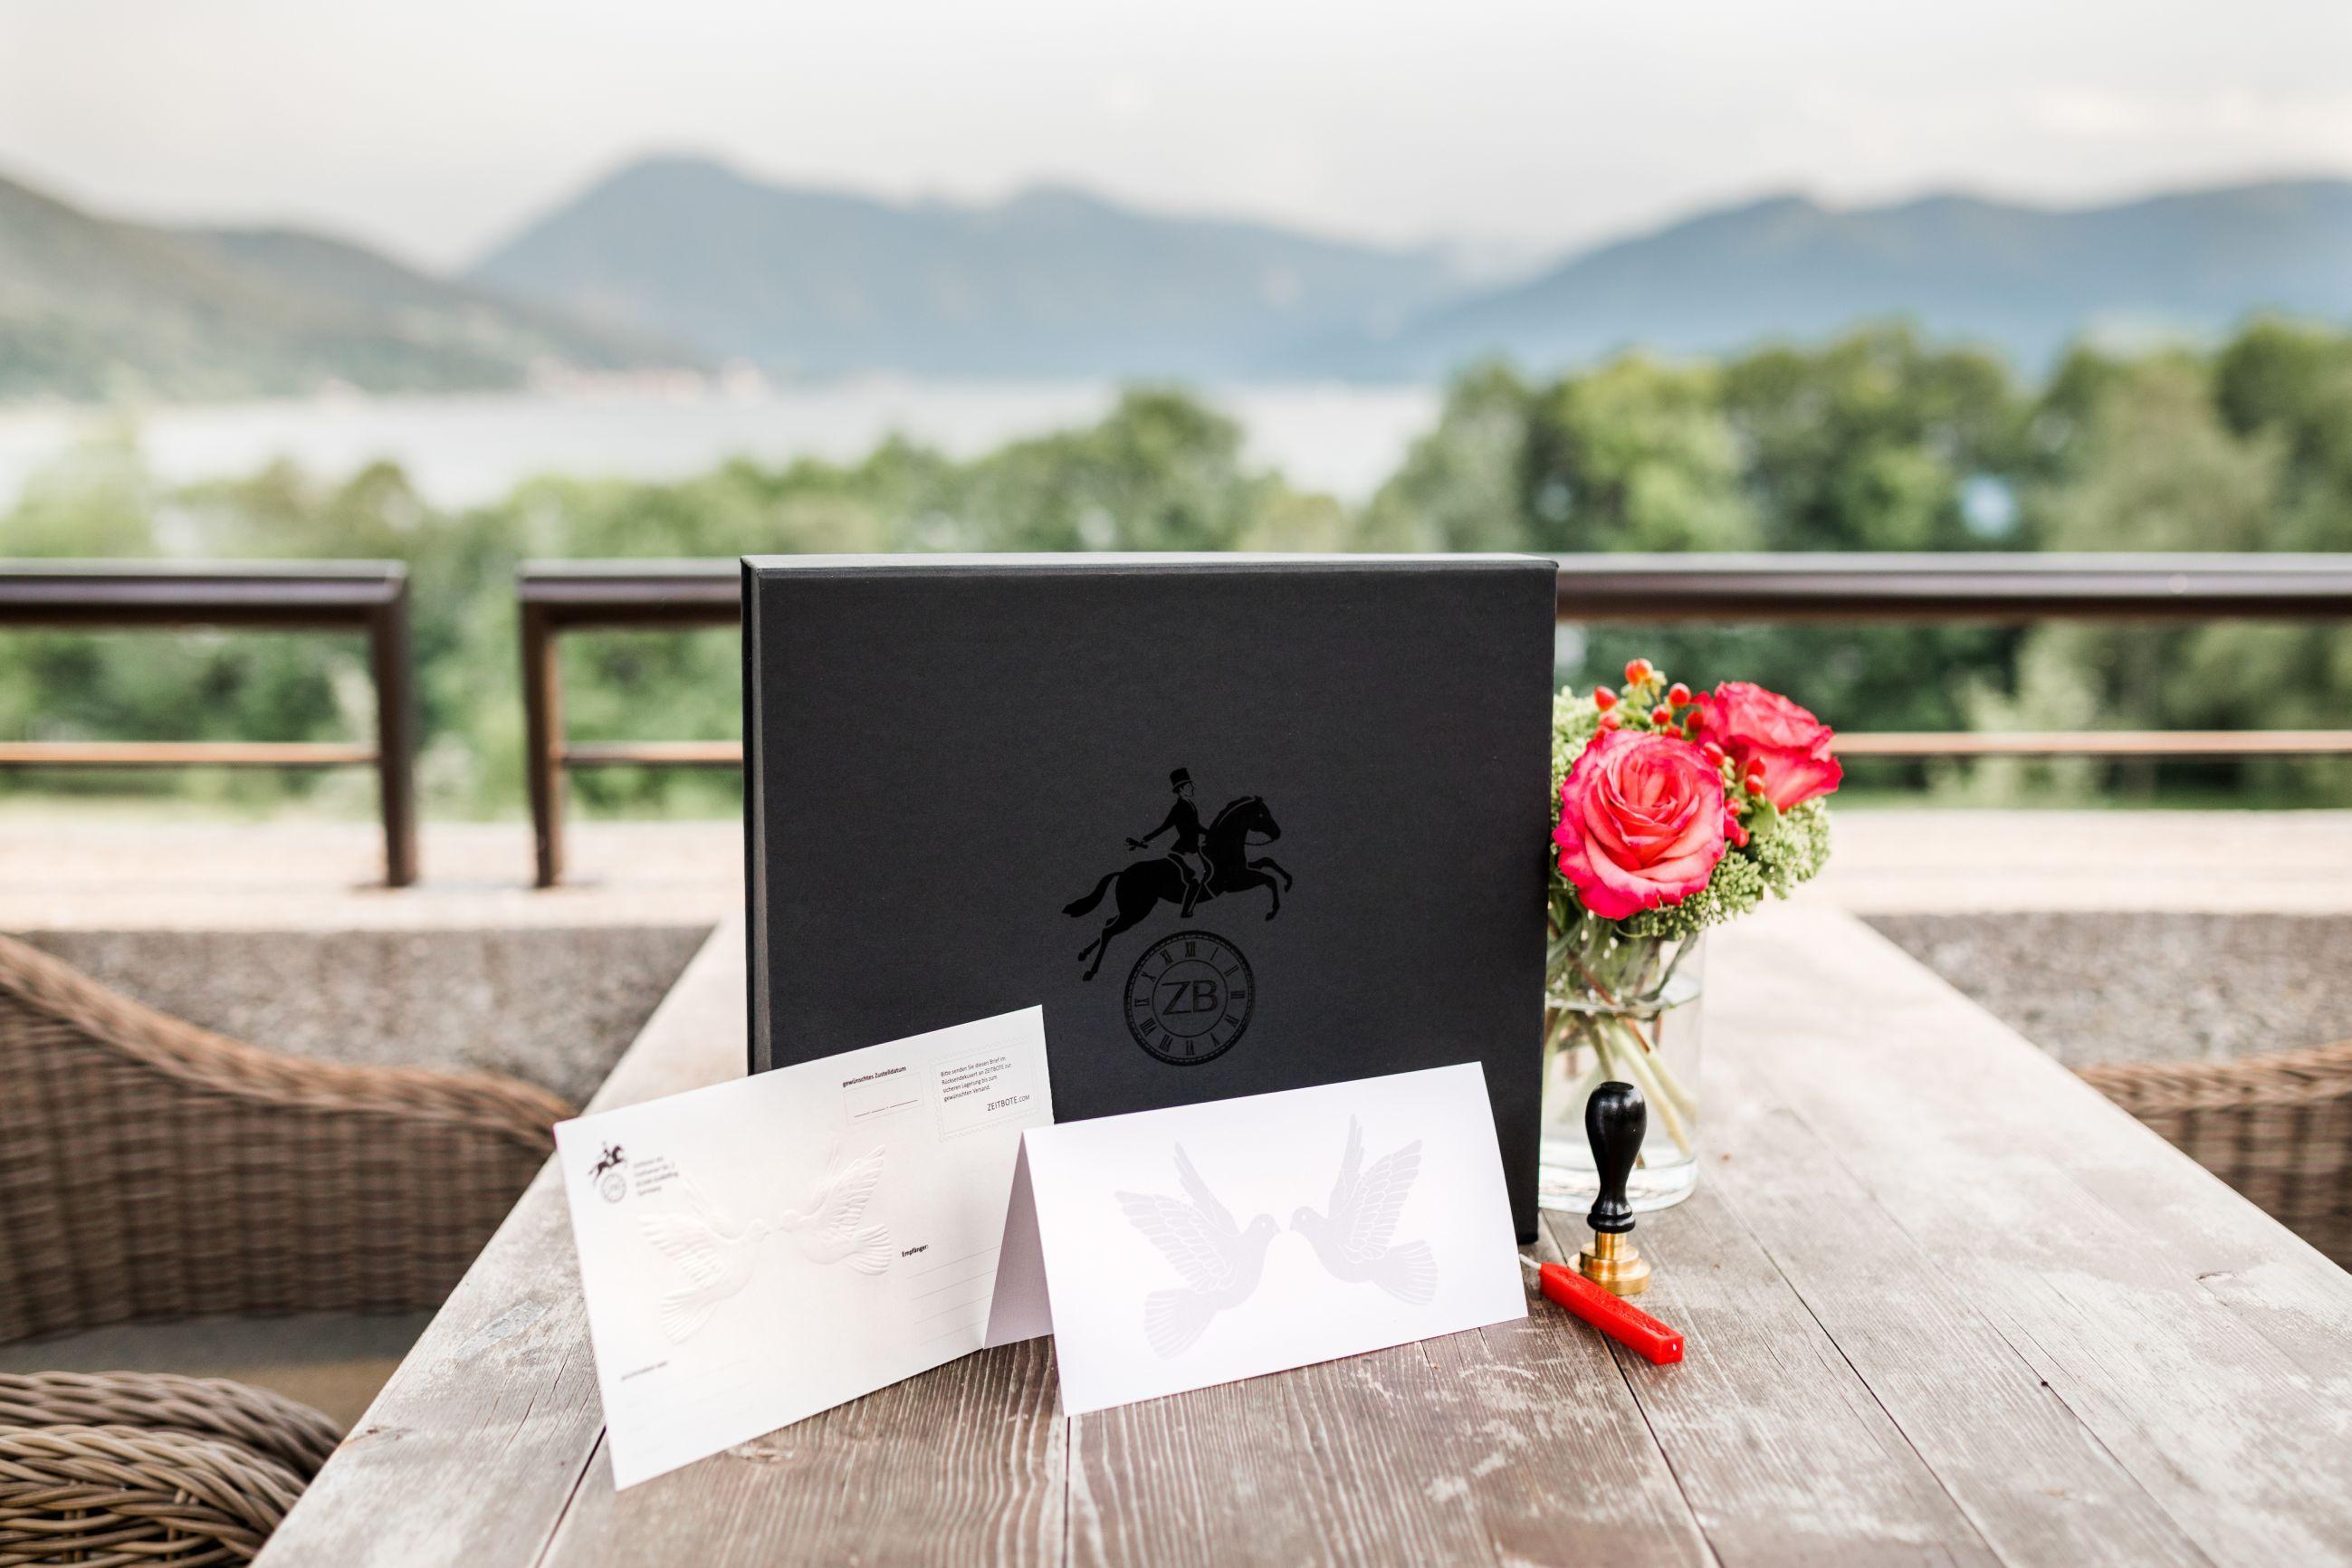 Hochzeitsbriefe Ein Aussergewohnliches Emotionales Hochzeitsgeschenk Schreibt Dem Brautpaar Briefe Die Monate O Hochzeitsbriefe Hochzeitsgeschenk Hochzeit